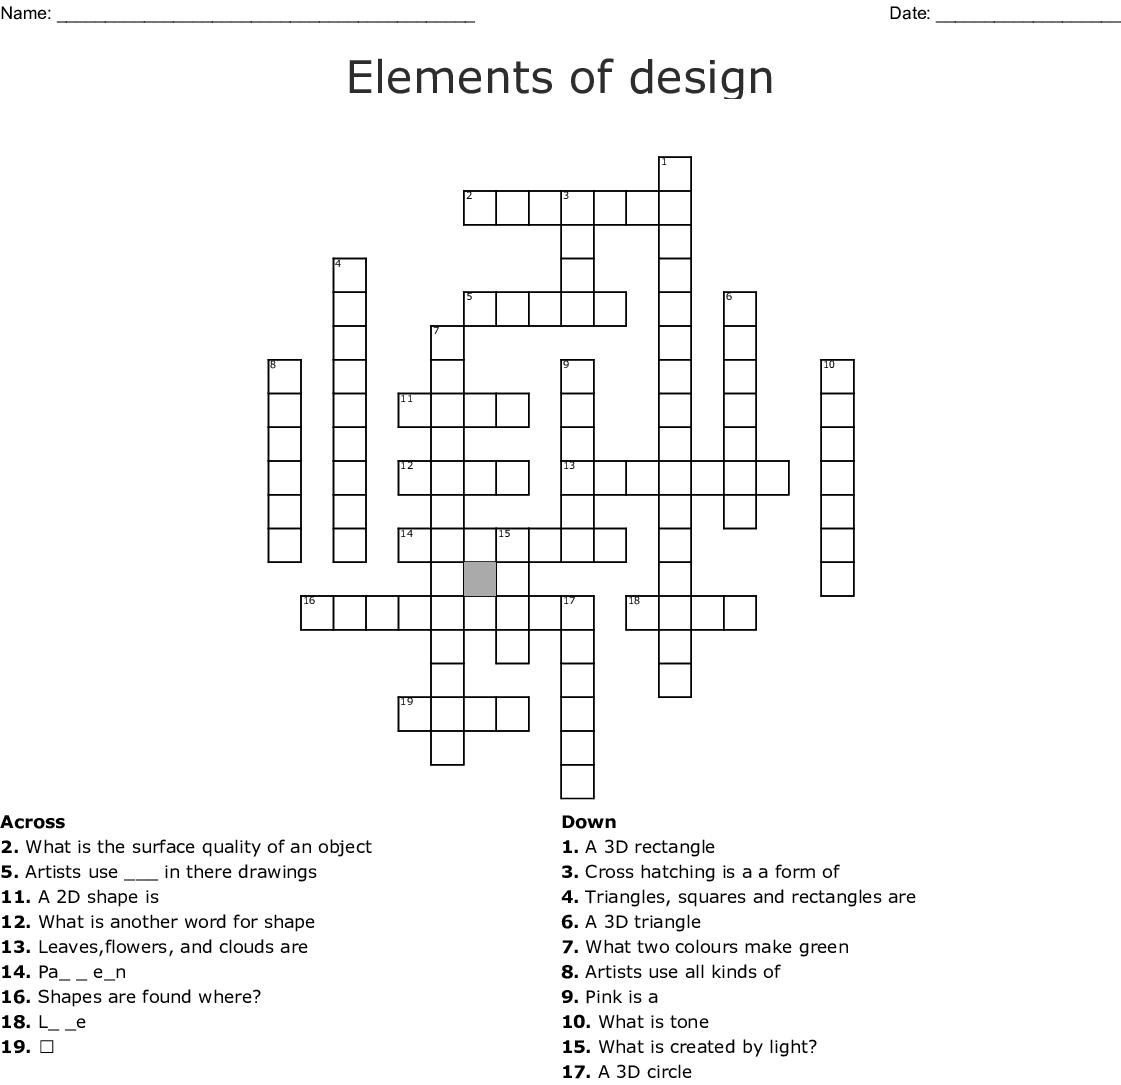 Elements Of Design Crossword